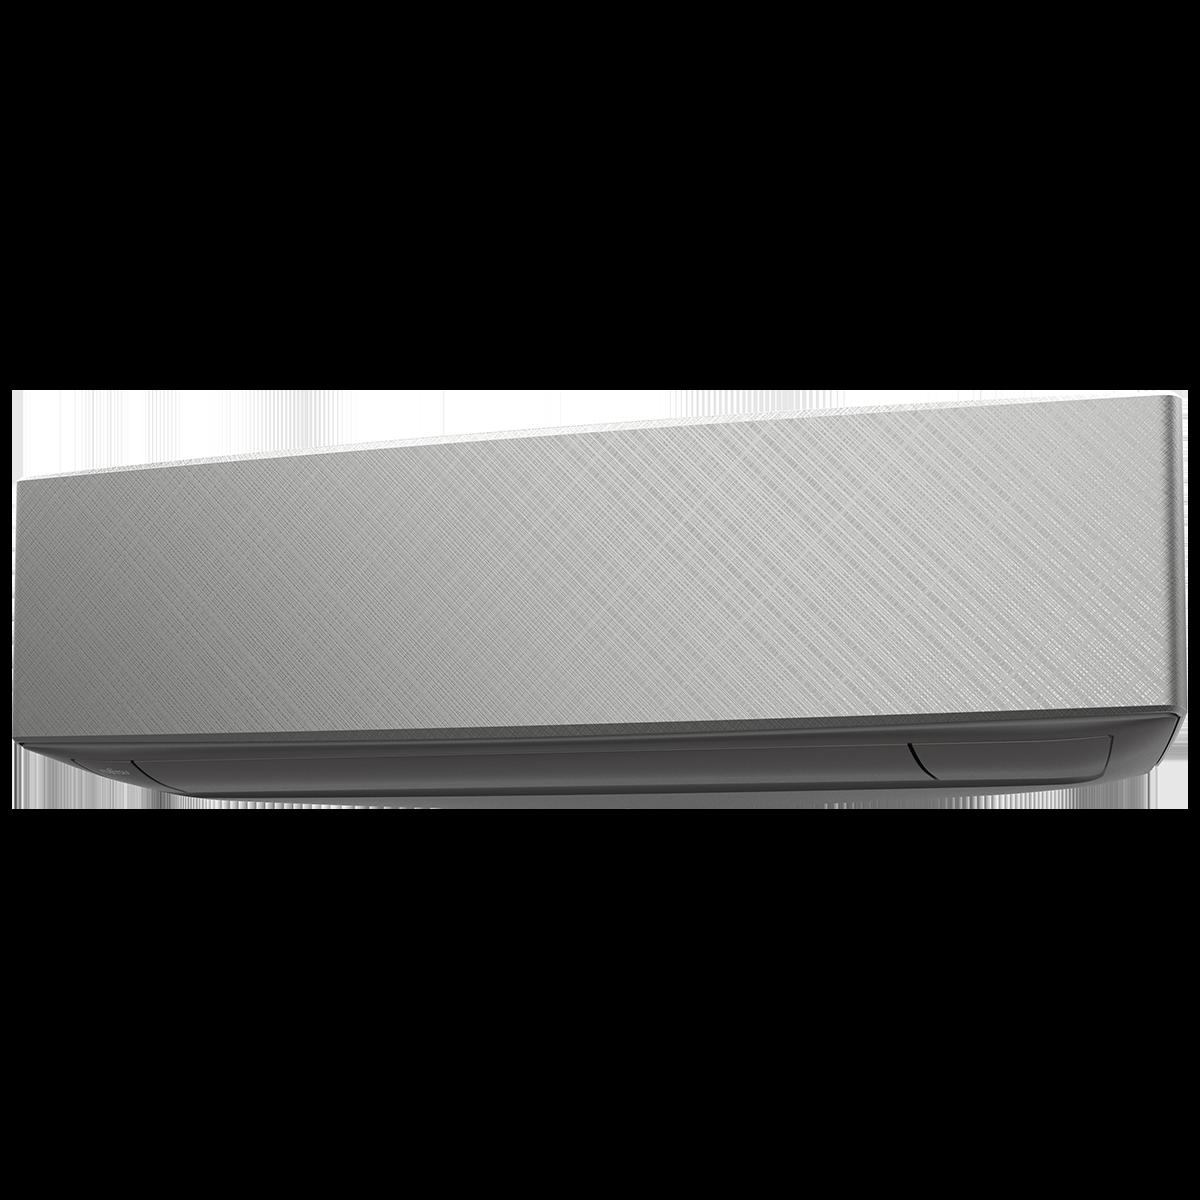 Fujitsu Κλιματιστικό KETA 09kBtu/h Silver